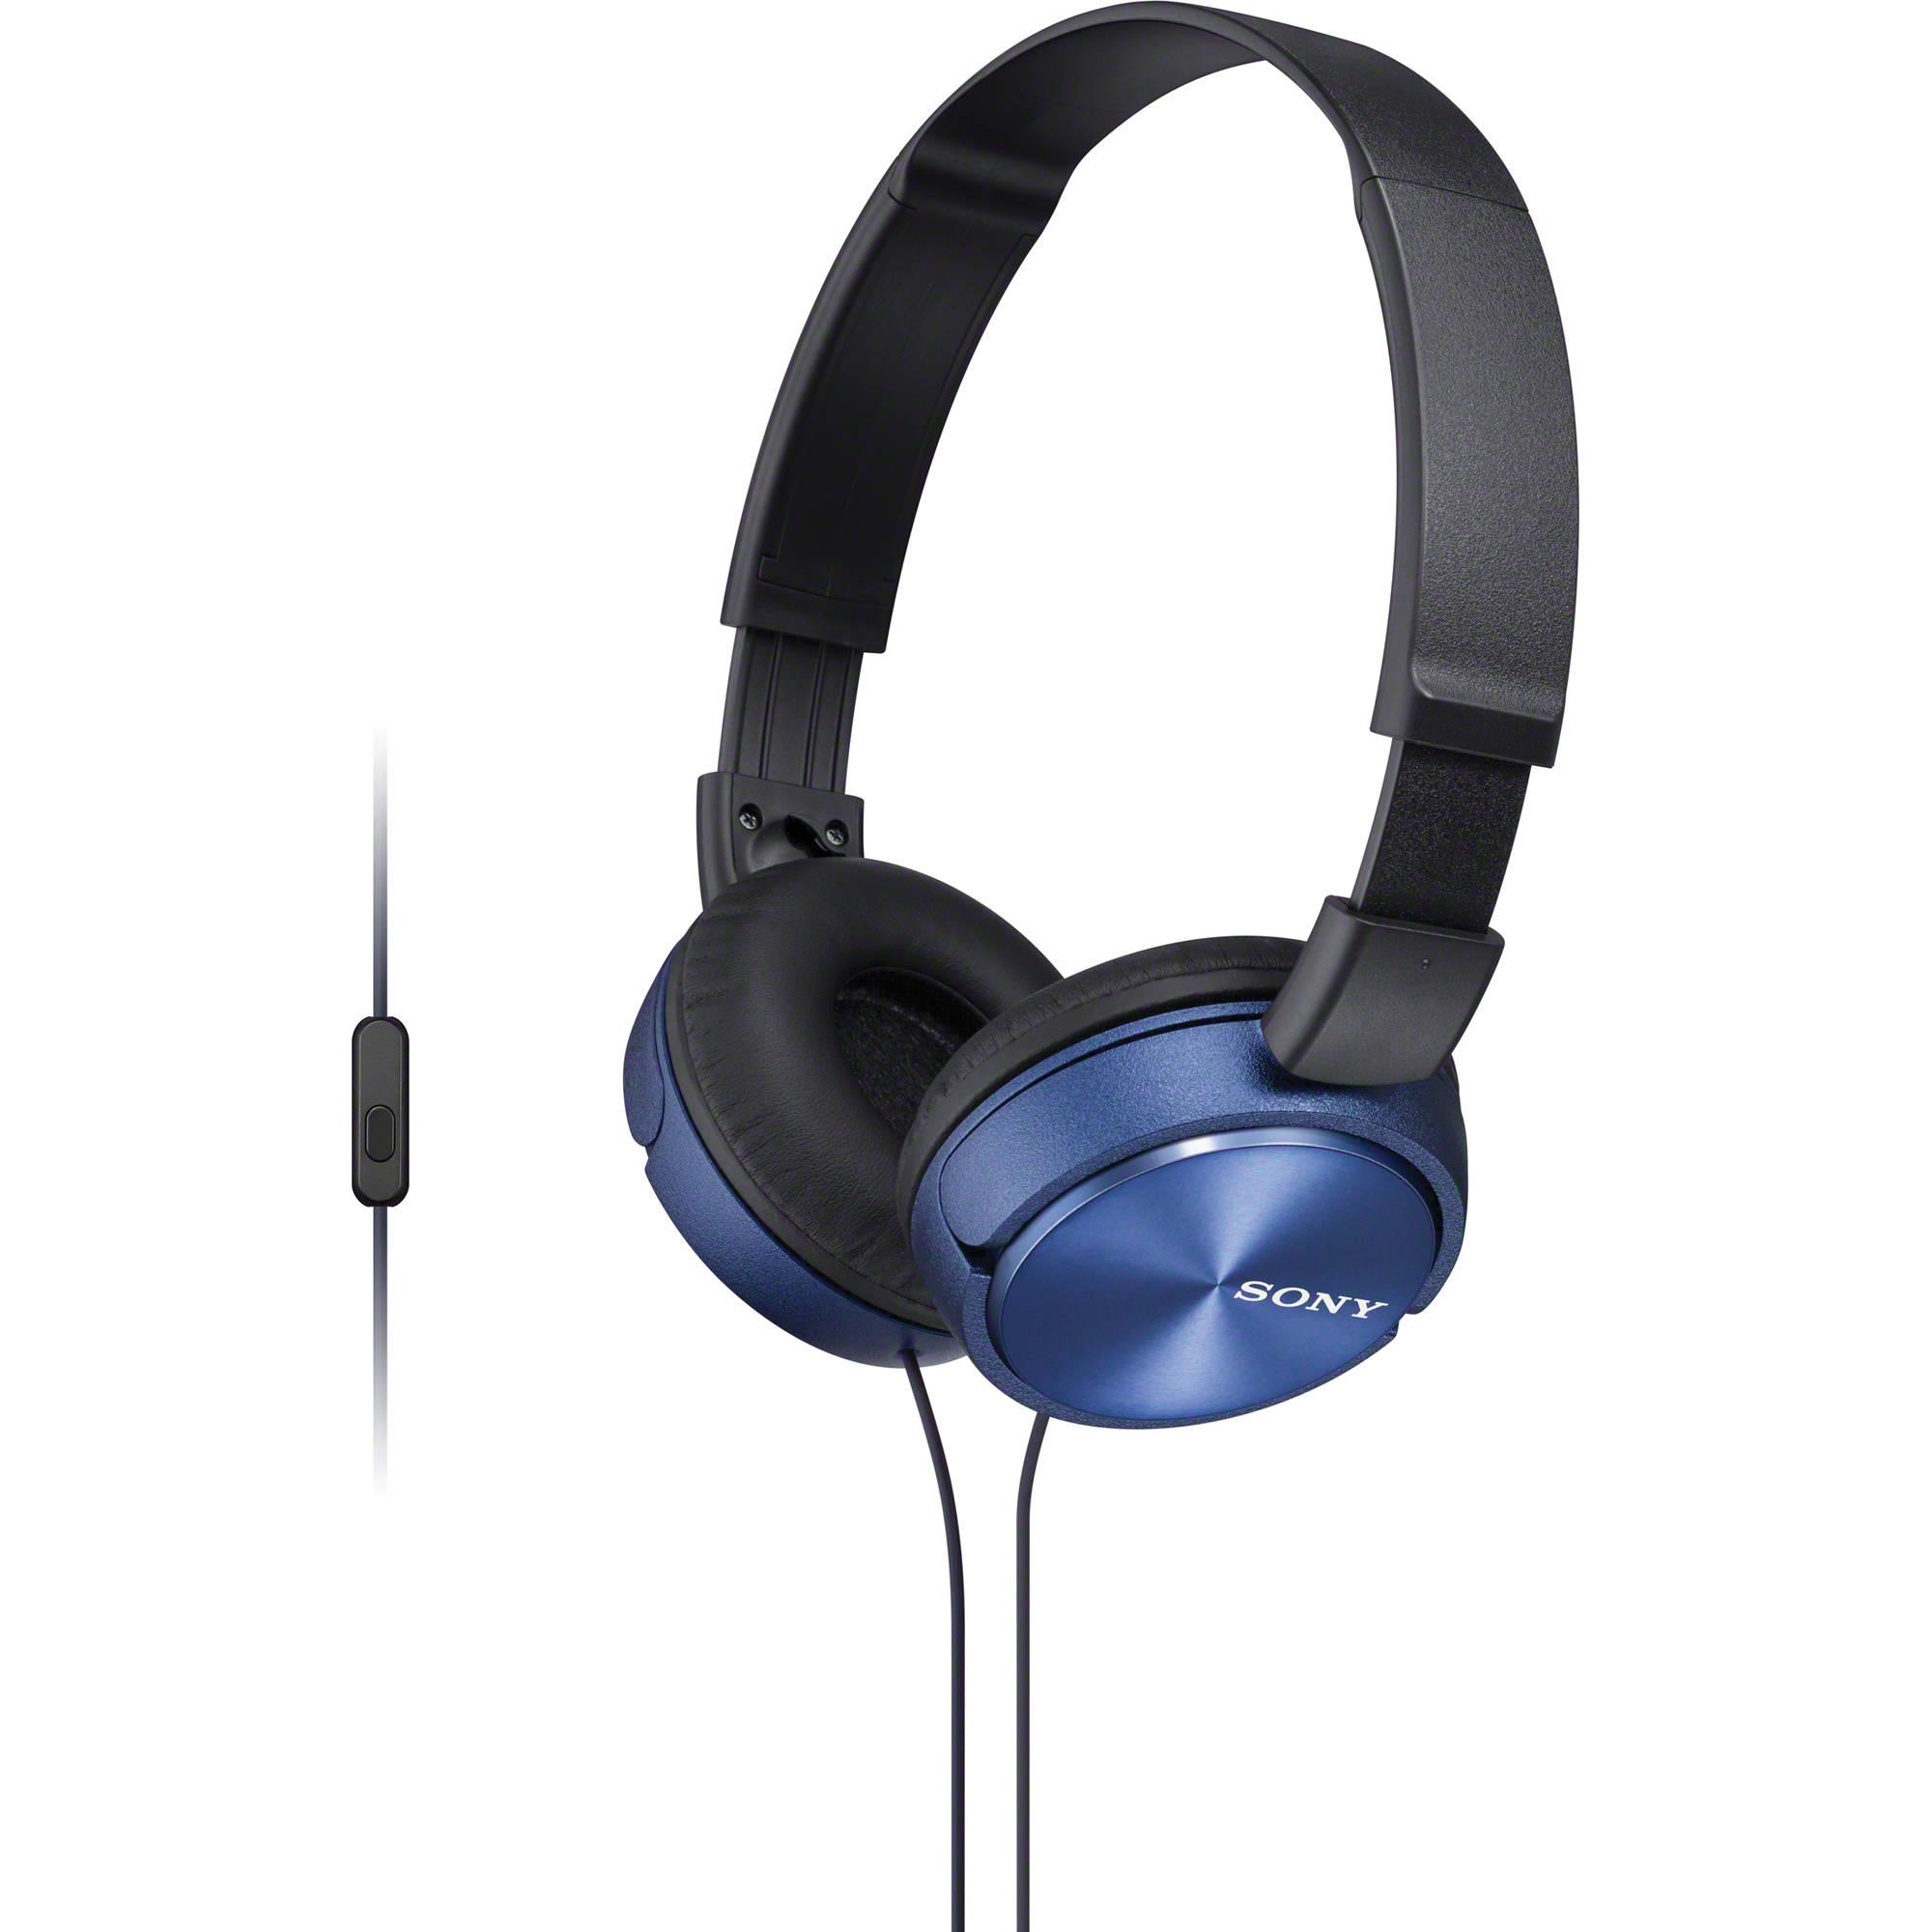 Ακουστικά Κεφαλής Στερεοφωνικά Sony MDR-ZX310AP Blue Android, Apple, BlackBerry image